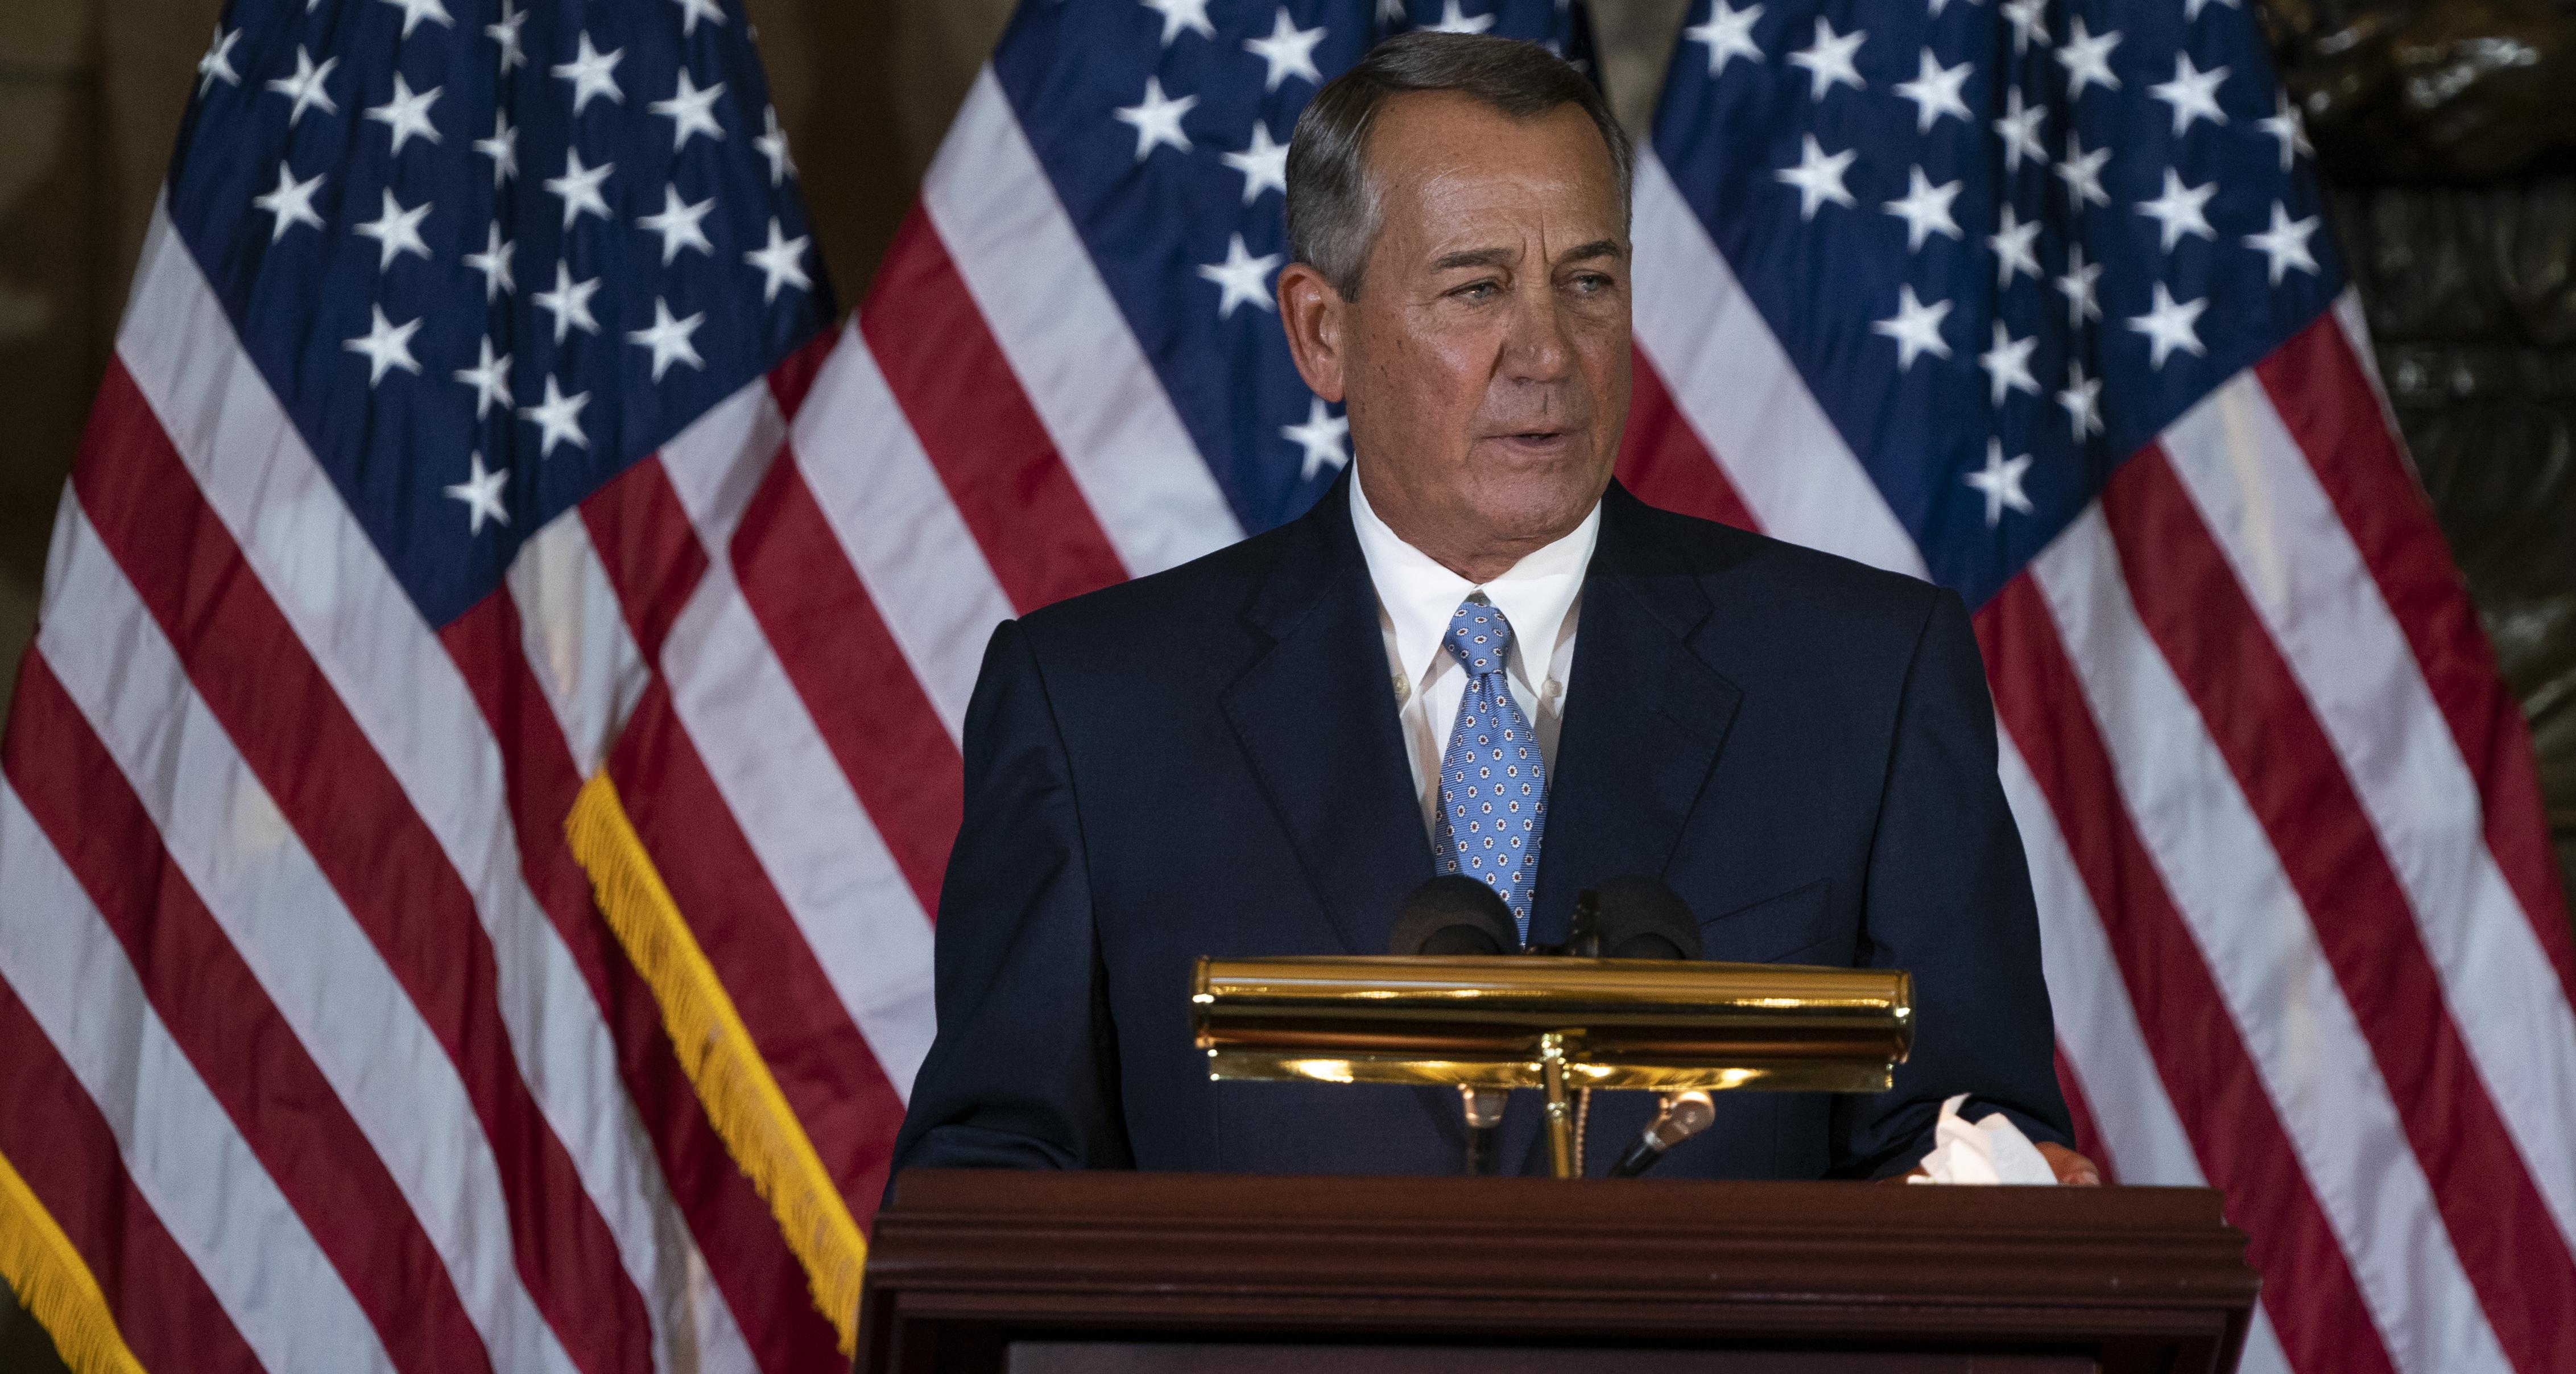 John Boehner's Memoir Coming in 2021